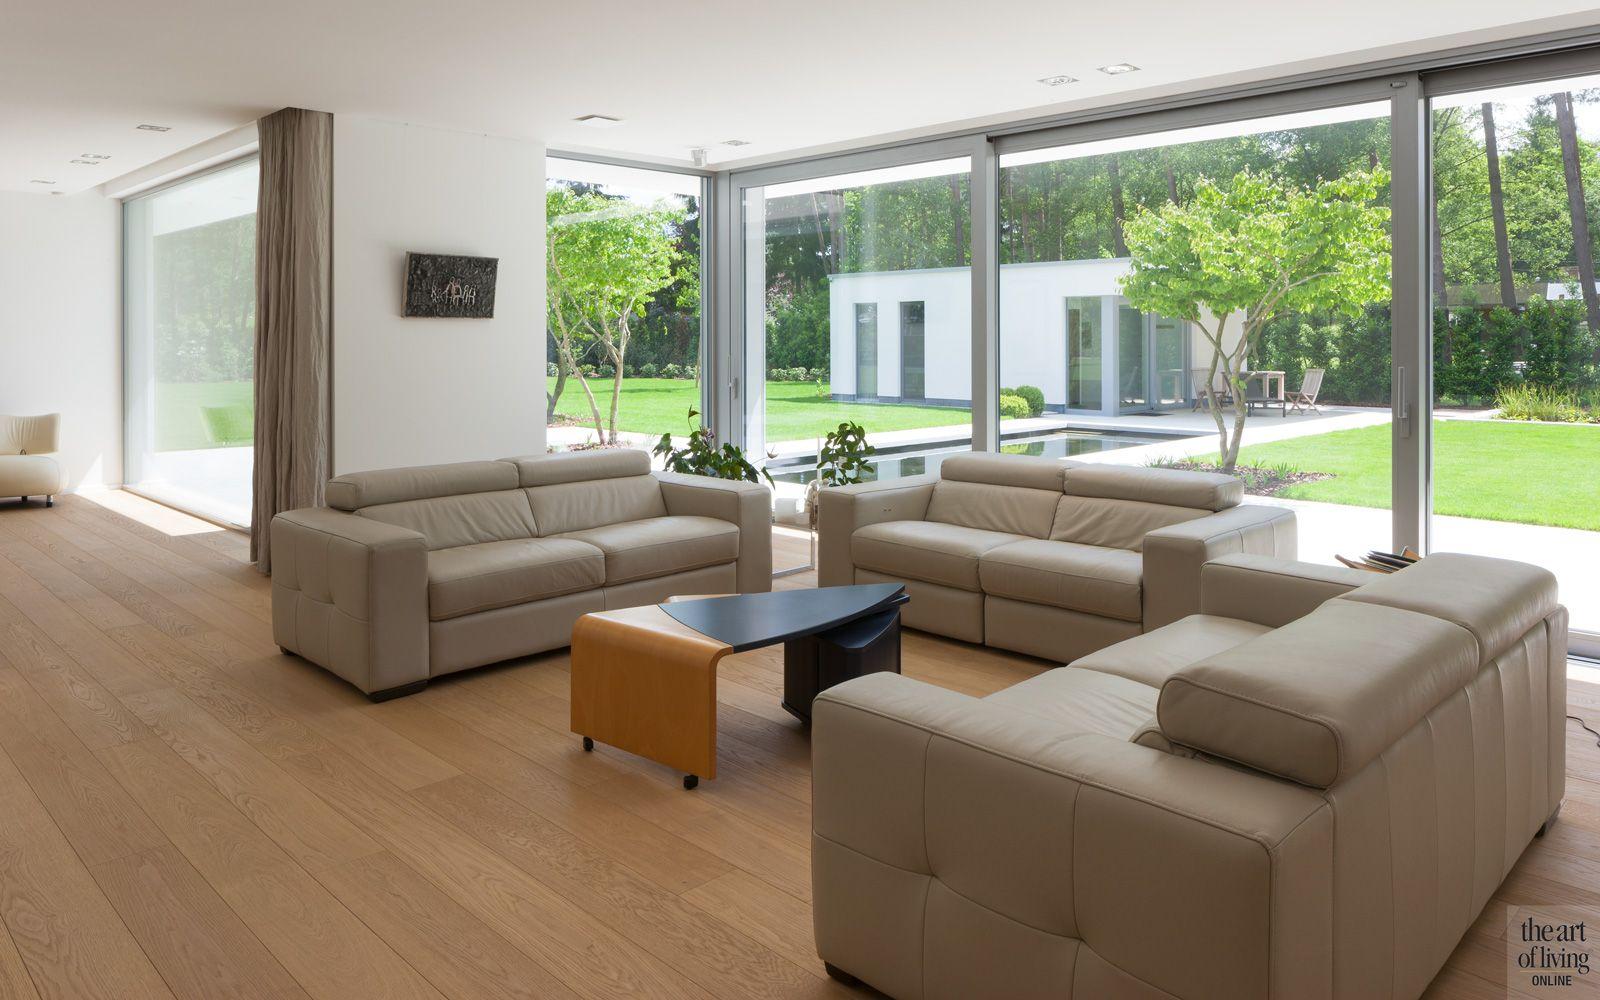 Zelfvoorzienende villa interieur theartofliving eu lounge